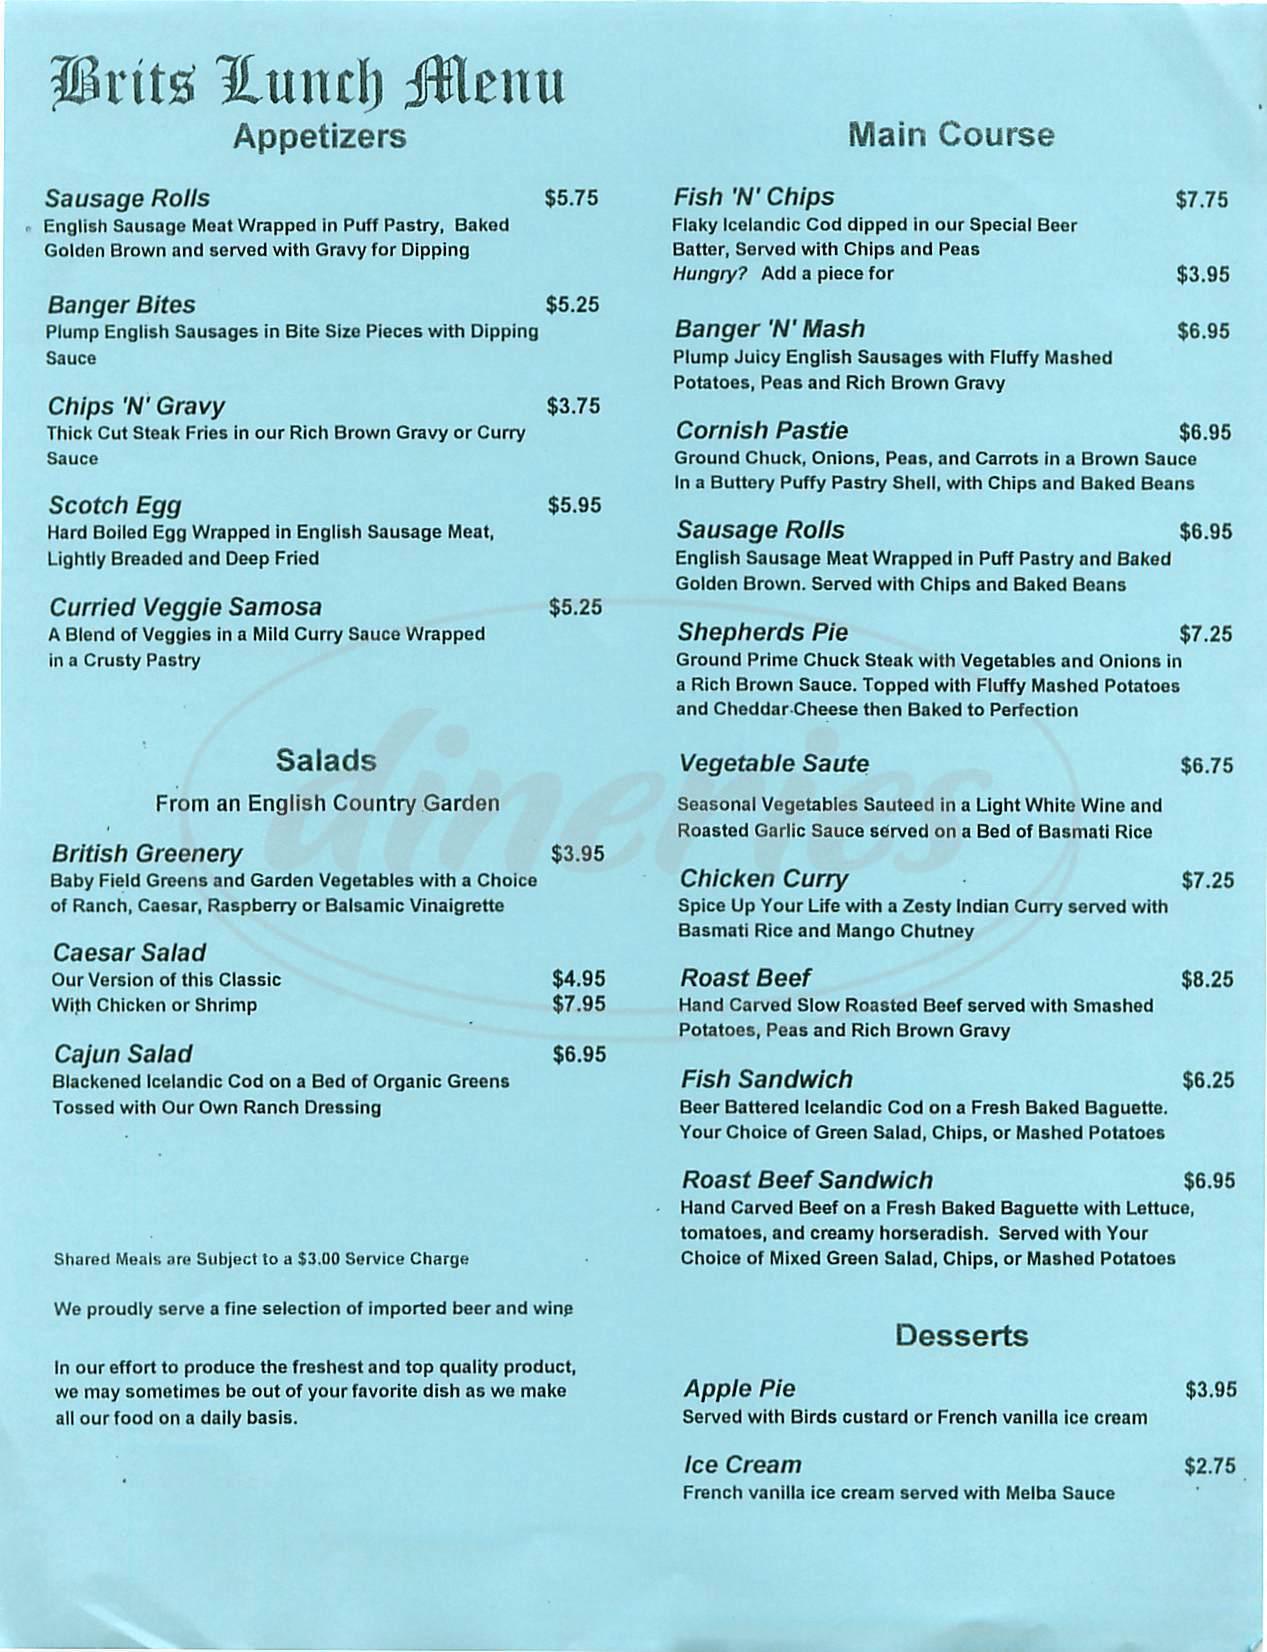 menu for Brits